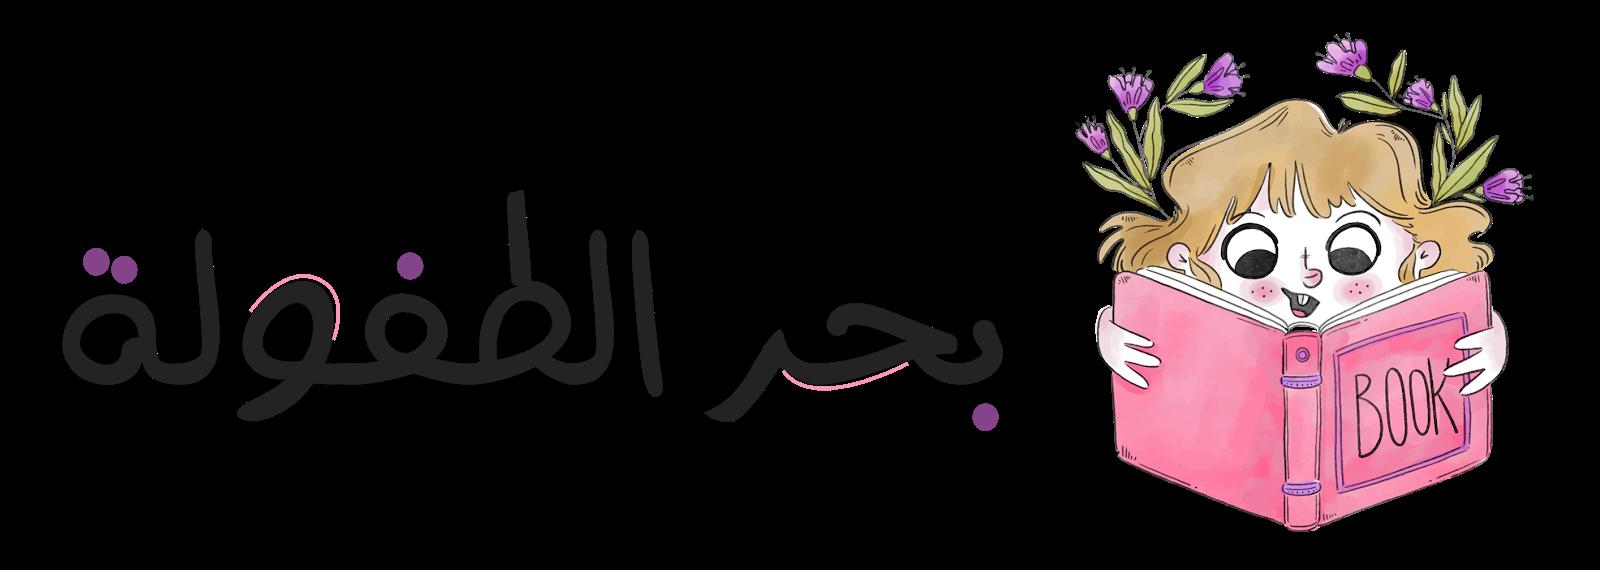 موقع بحر الطفولة Bahr%2Btoufola